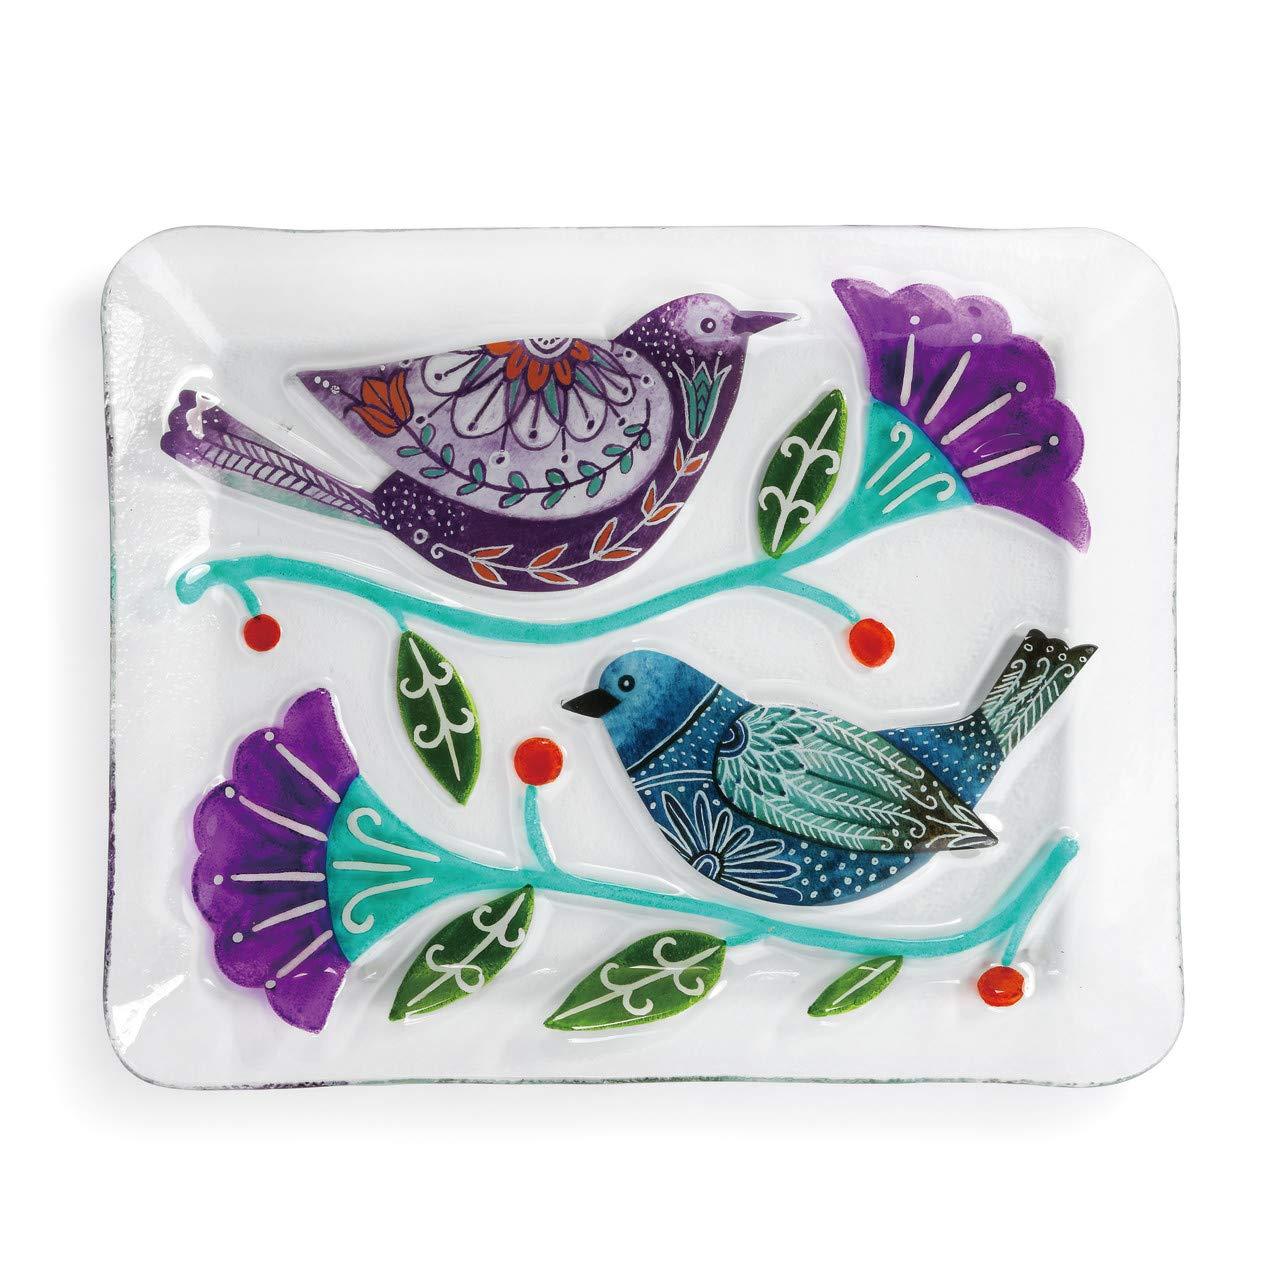 鳥と花 パープル ブルー 14 x 11 ビンテージ 手描き ガラス 大皿   B07MZDCJ1N